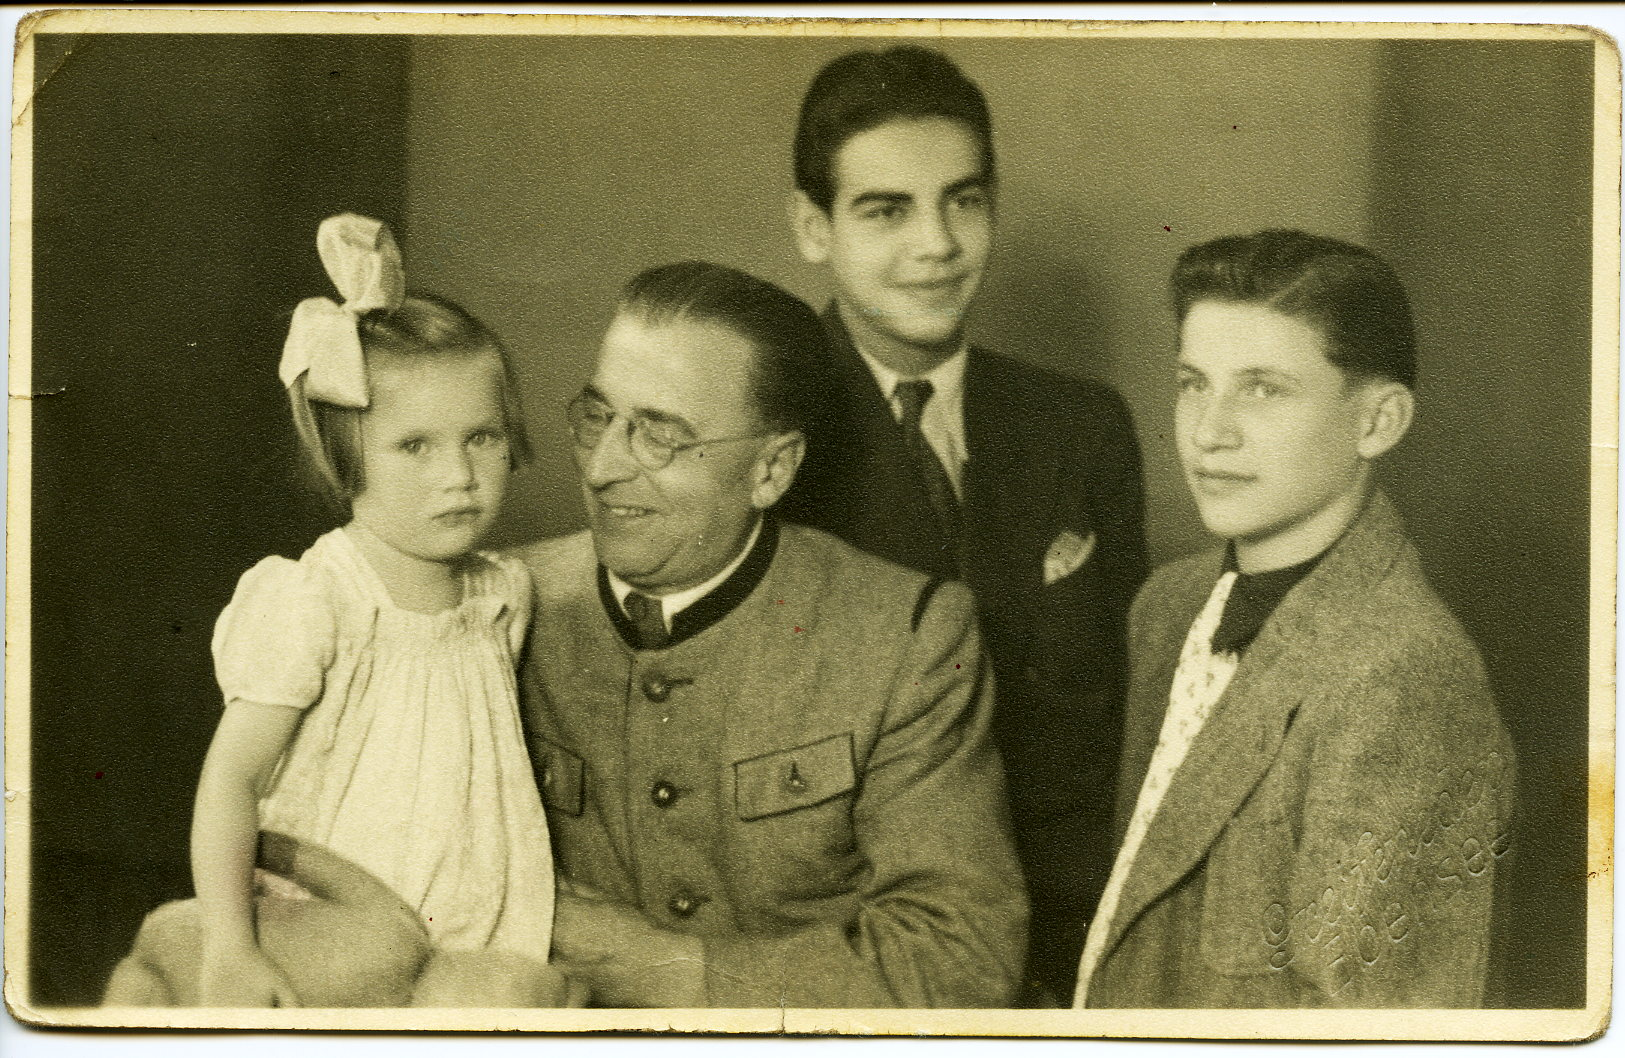 1947 mit Vater, Bruder und kleiner Schwester